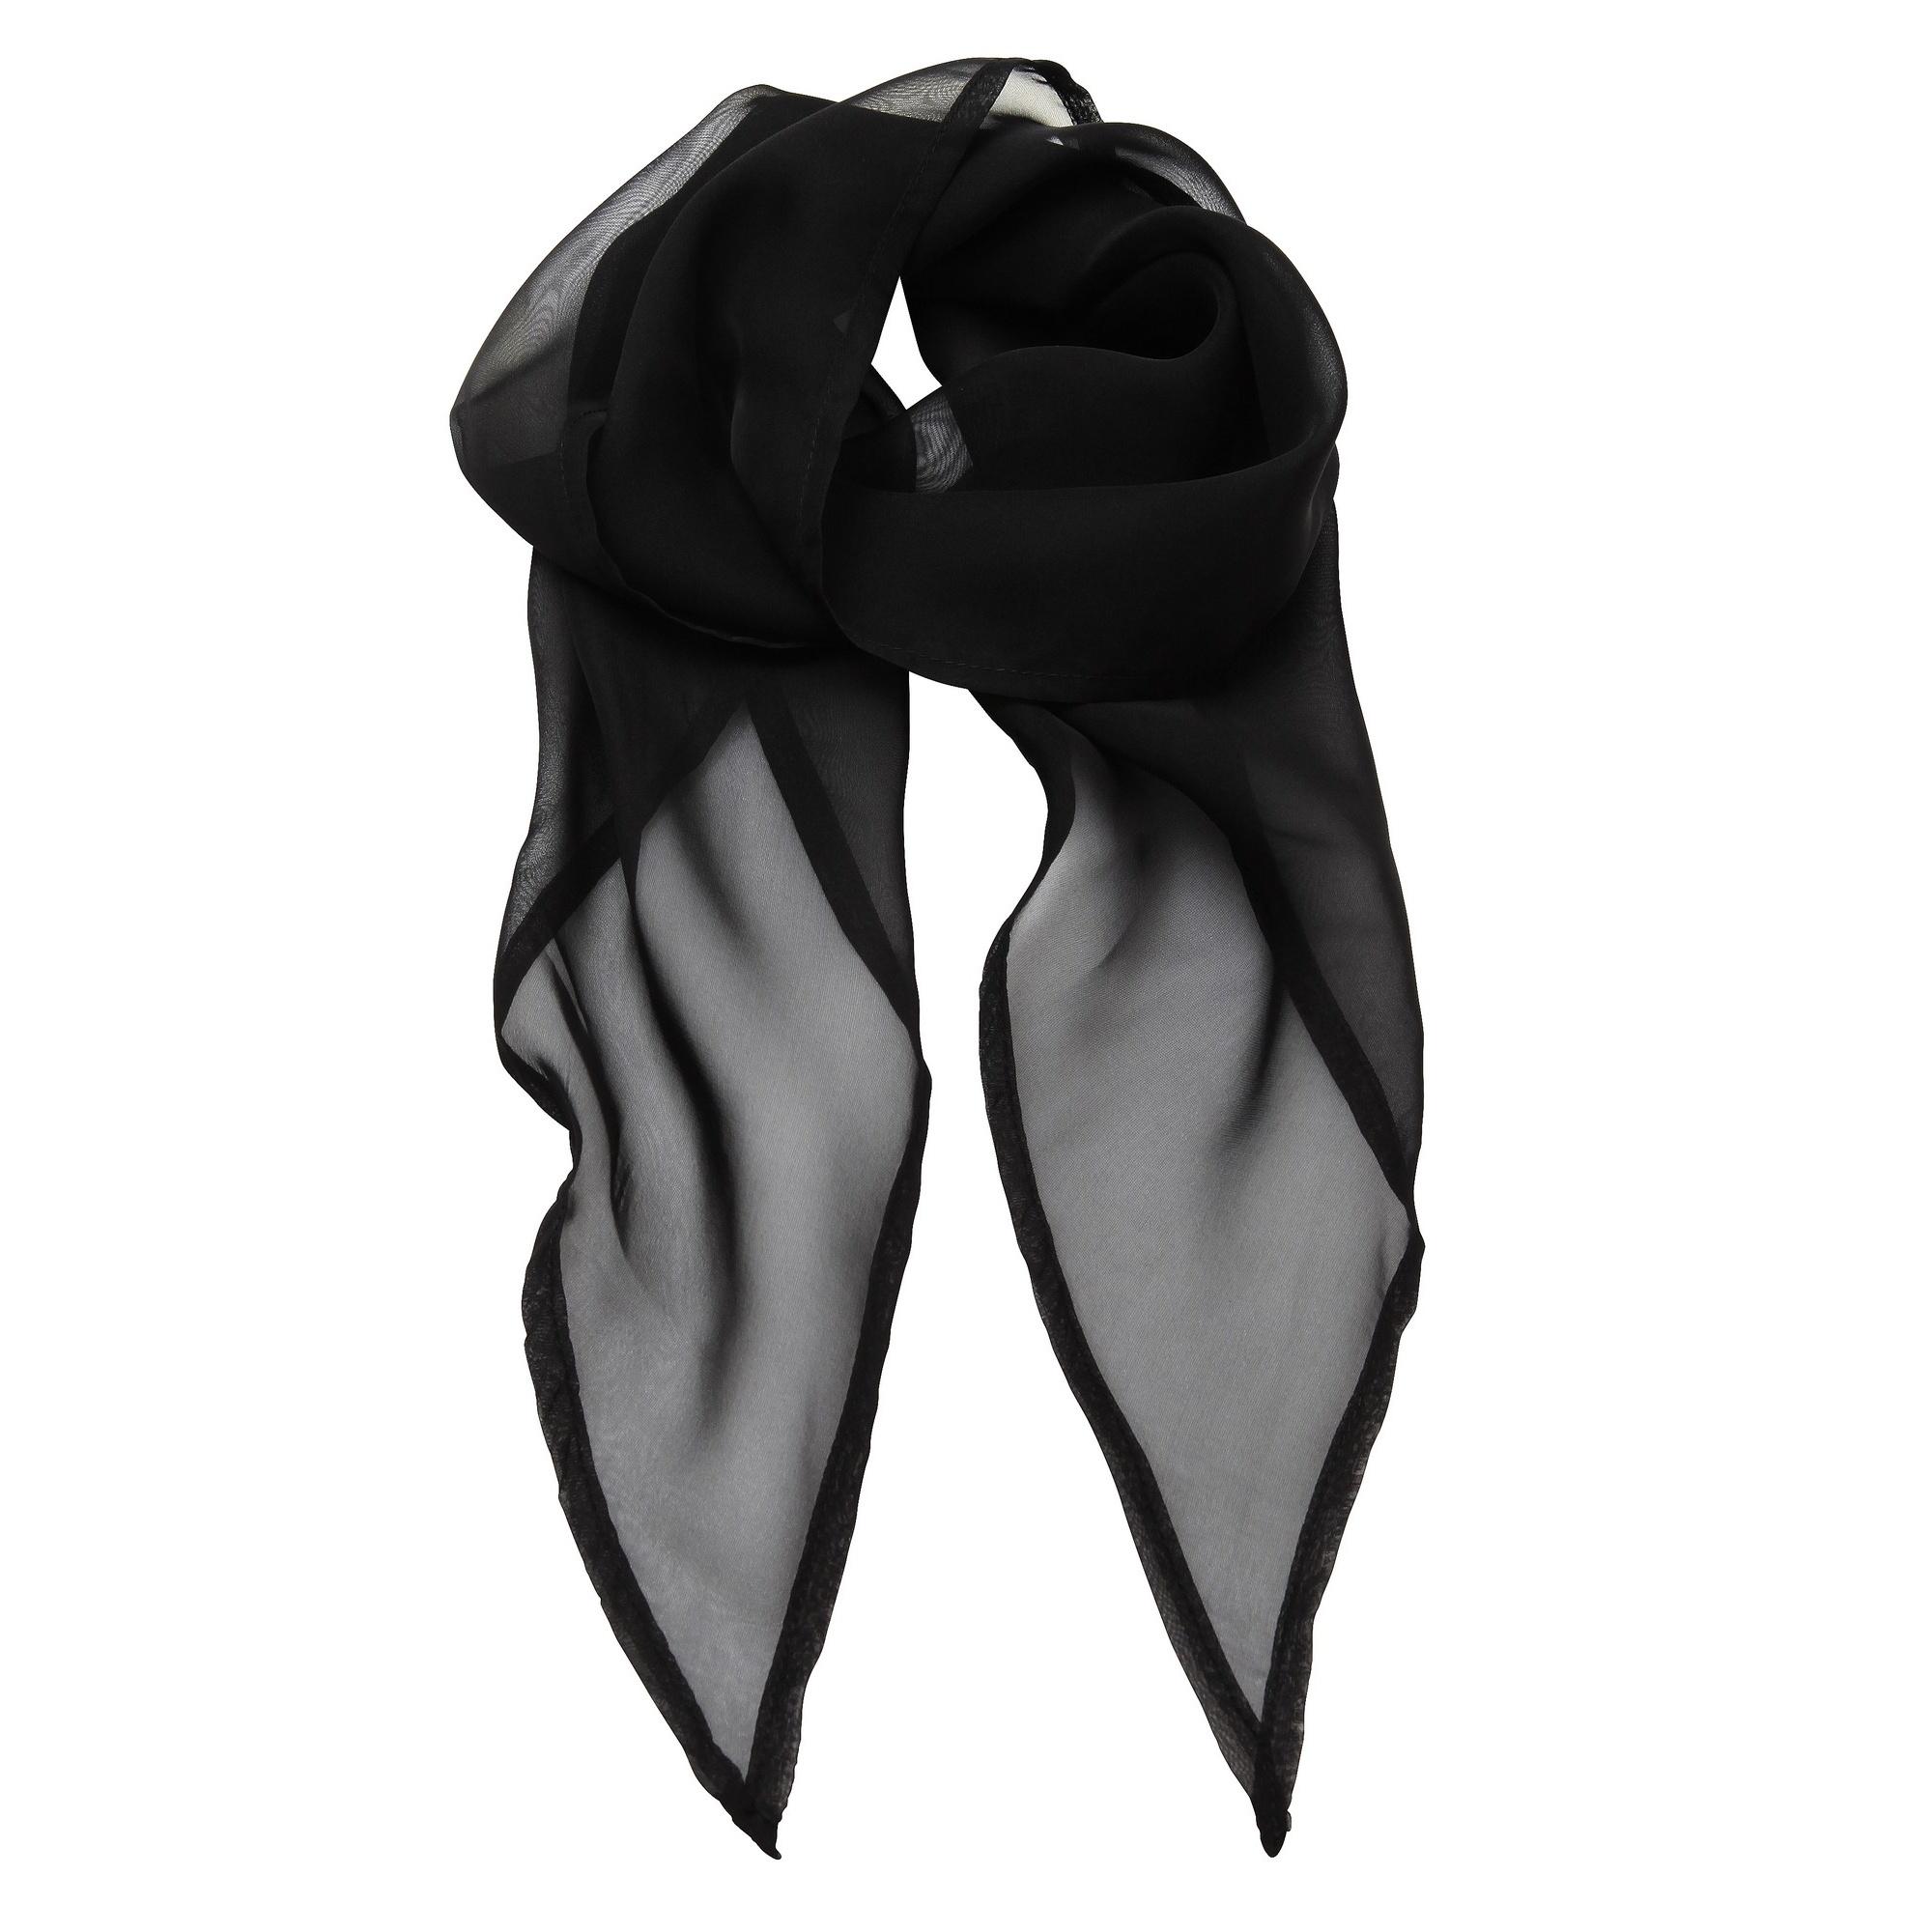 Premier-Foulard-de-travail-Femme-28-couleurs-RW2828 miniature 56